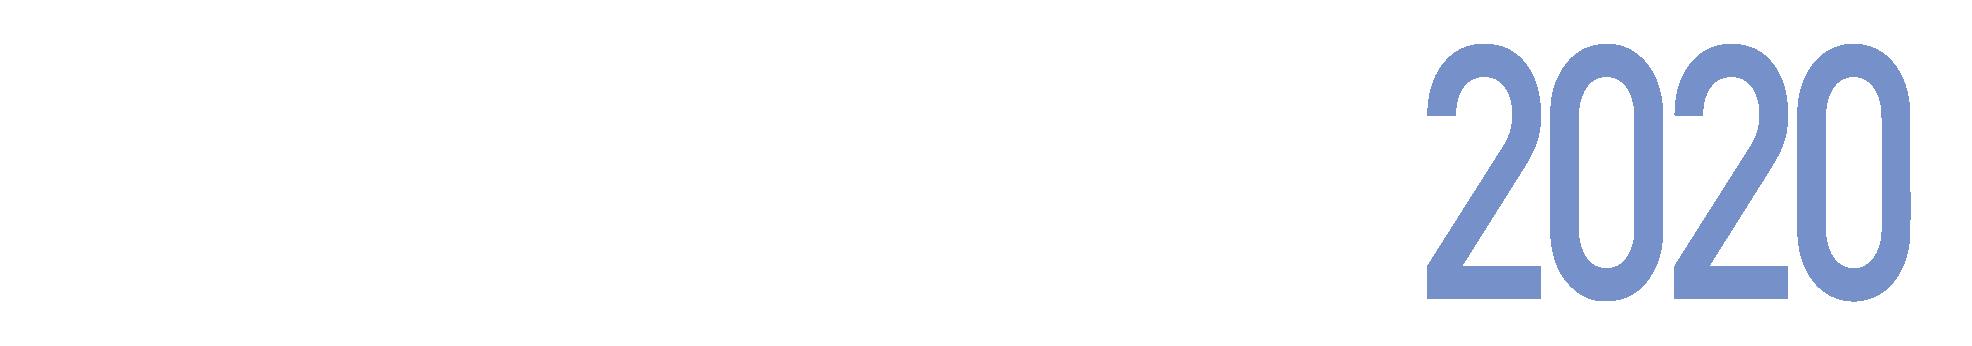 #EOFF2020 : Eastern Oregon Film Festival